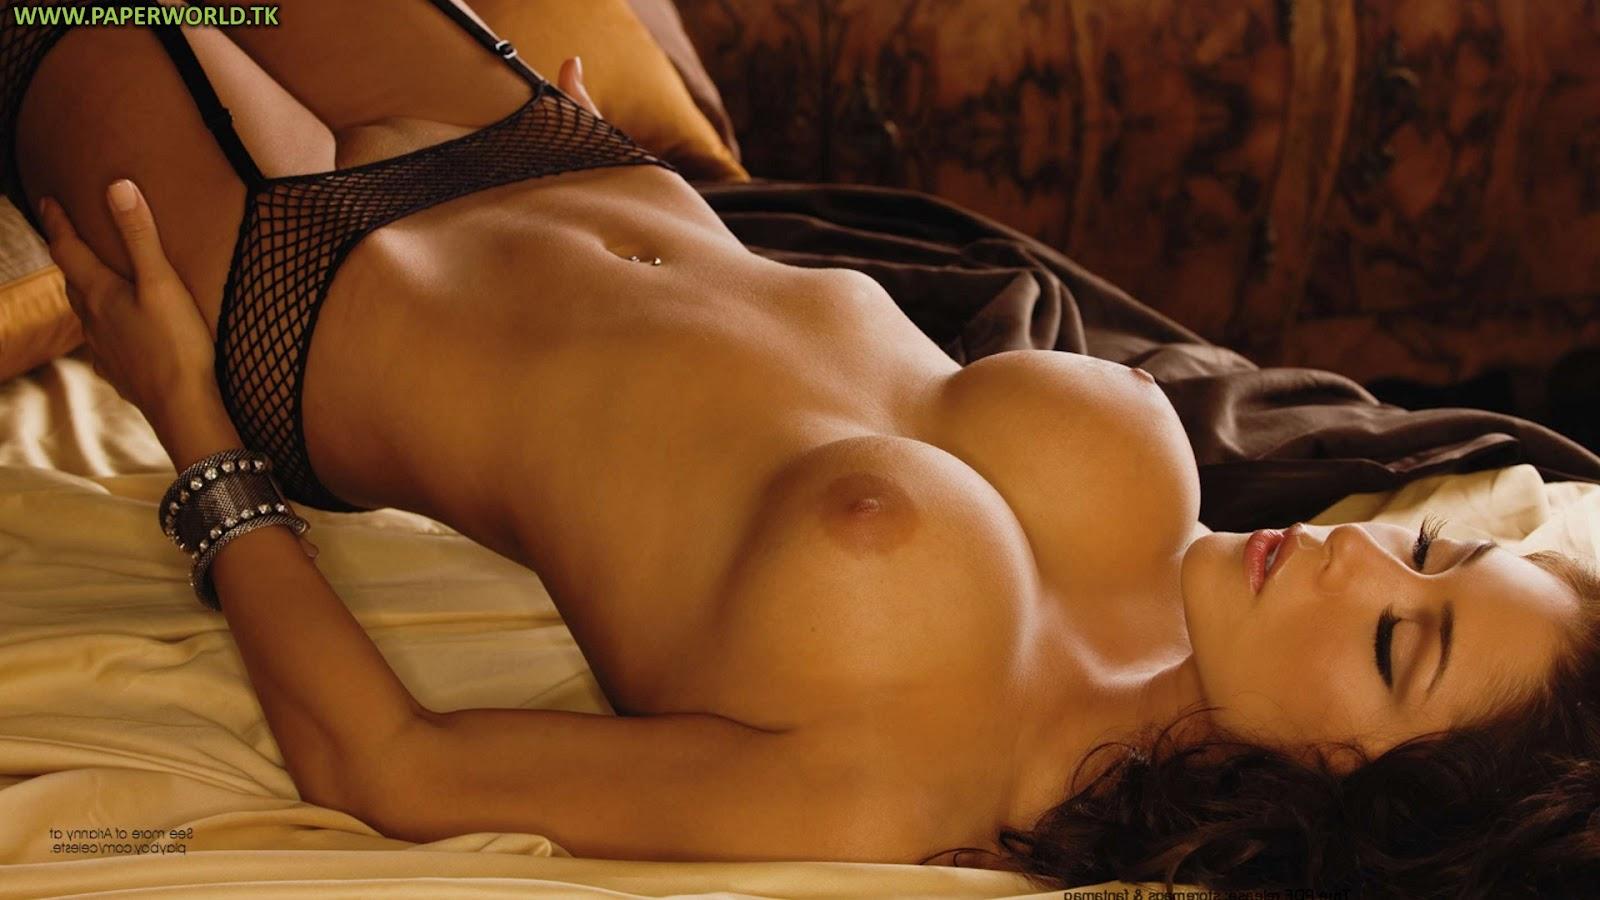 Спортивное порно смотреть онлайн бесплатно 8 фотография